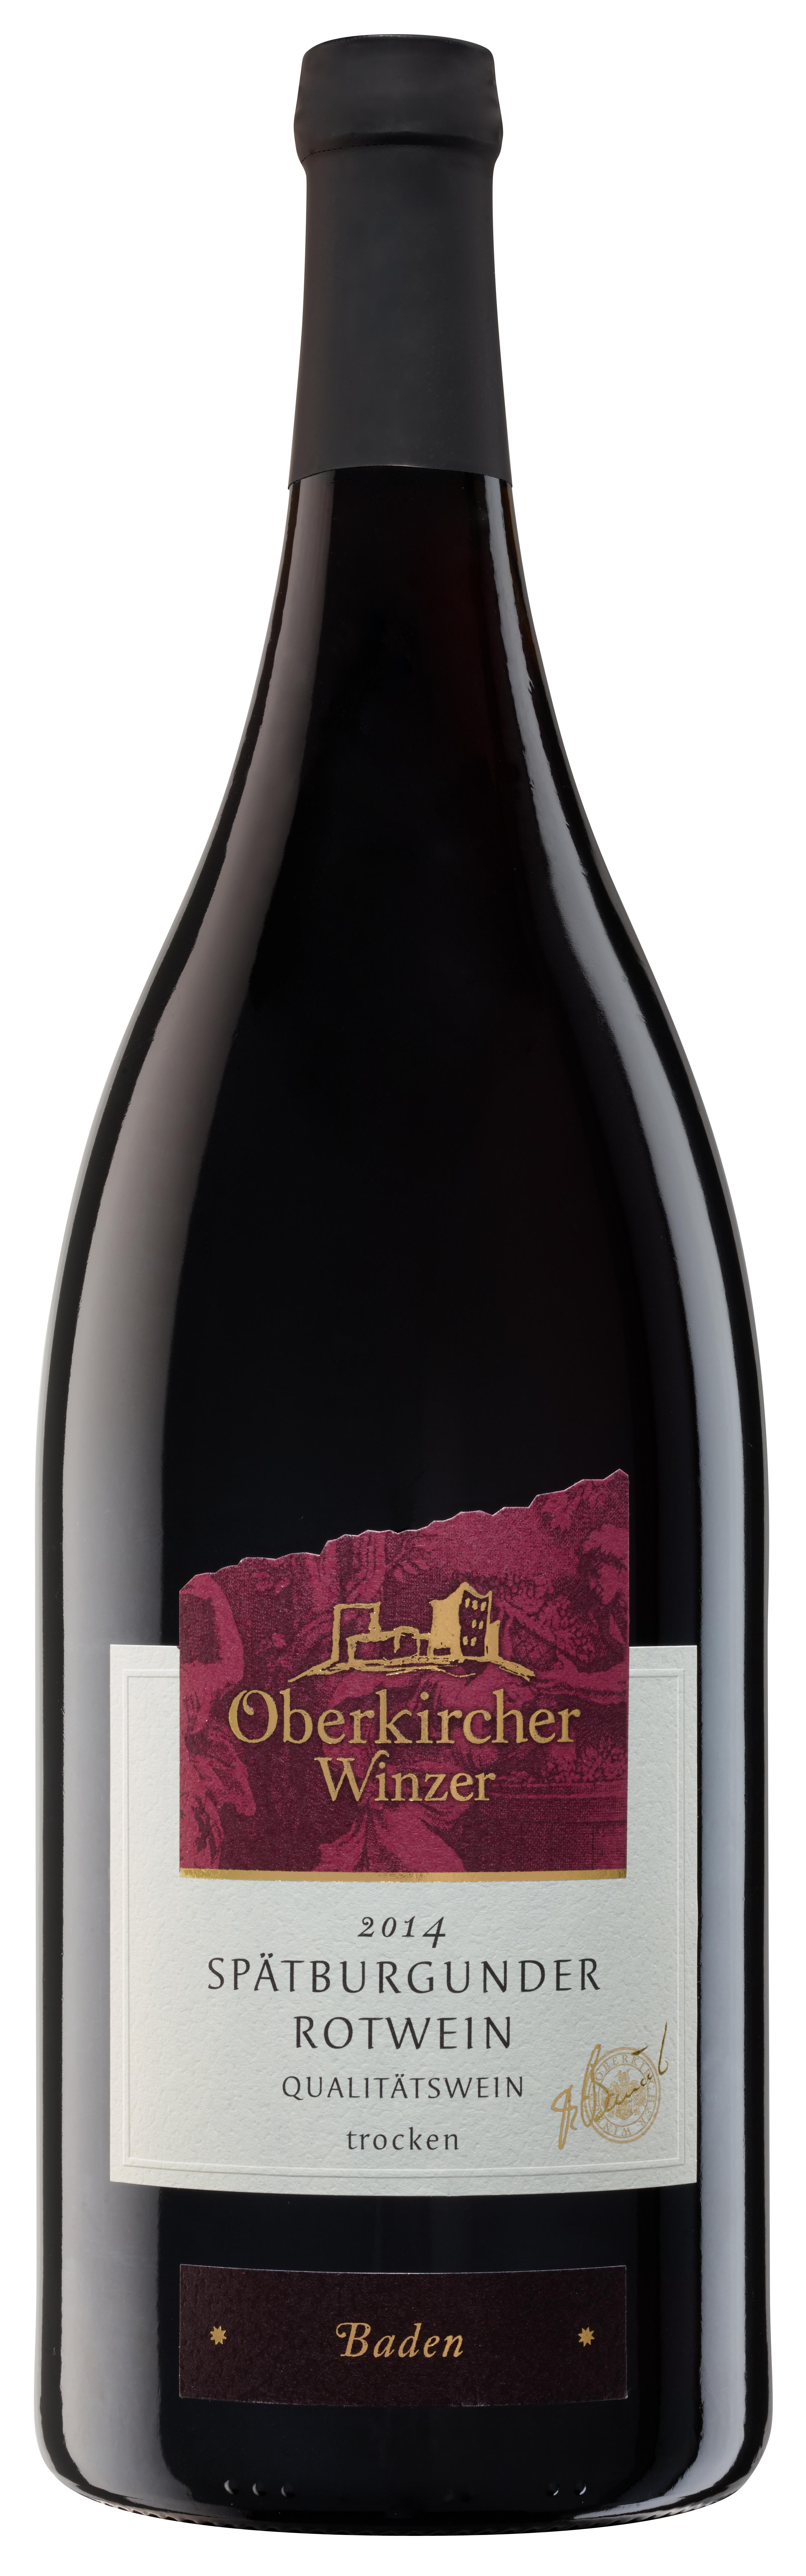 Collection Oberkirch , Spätburgunder Rotwein Qualitätswein trocken